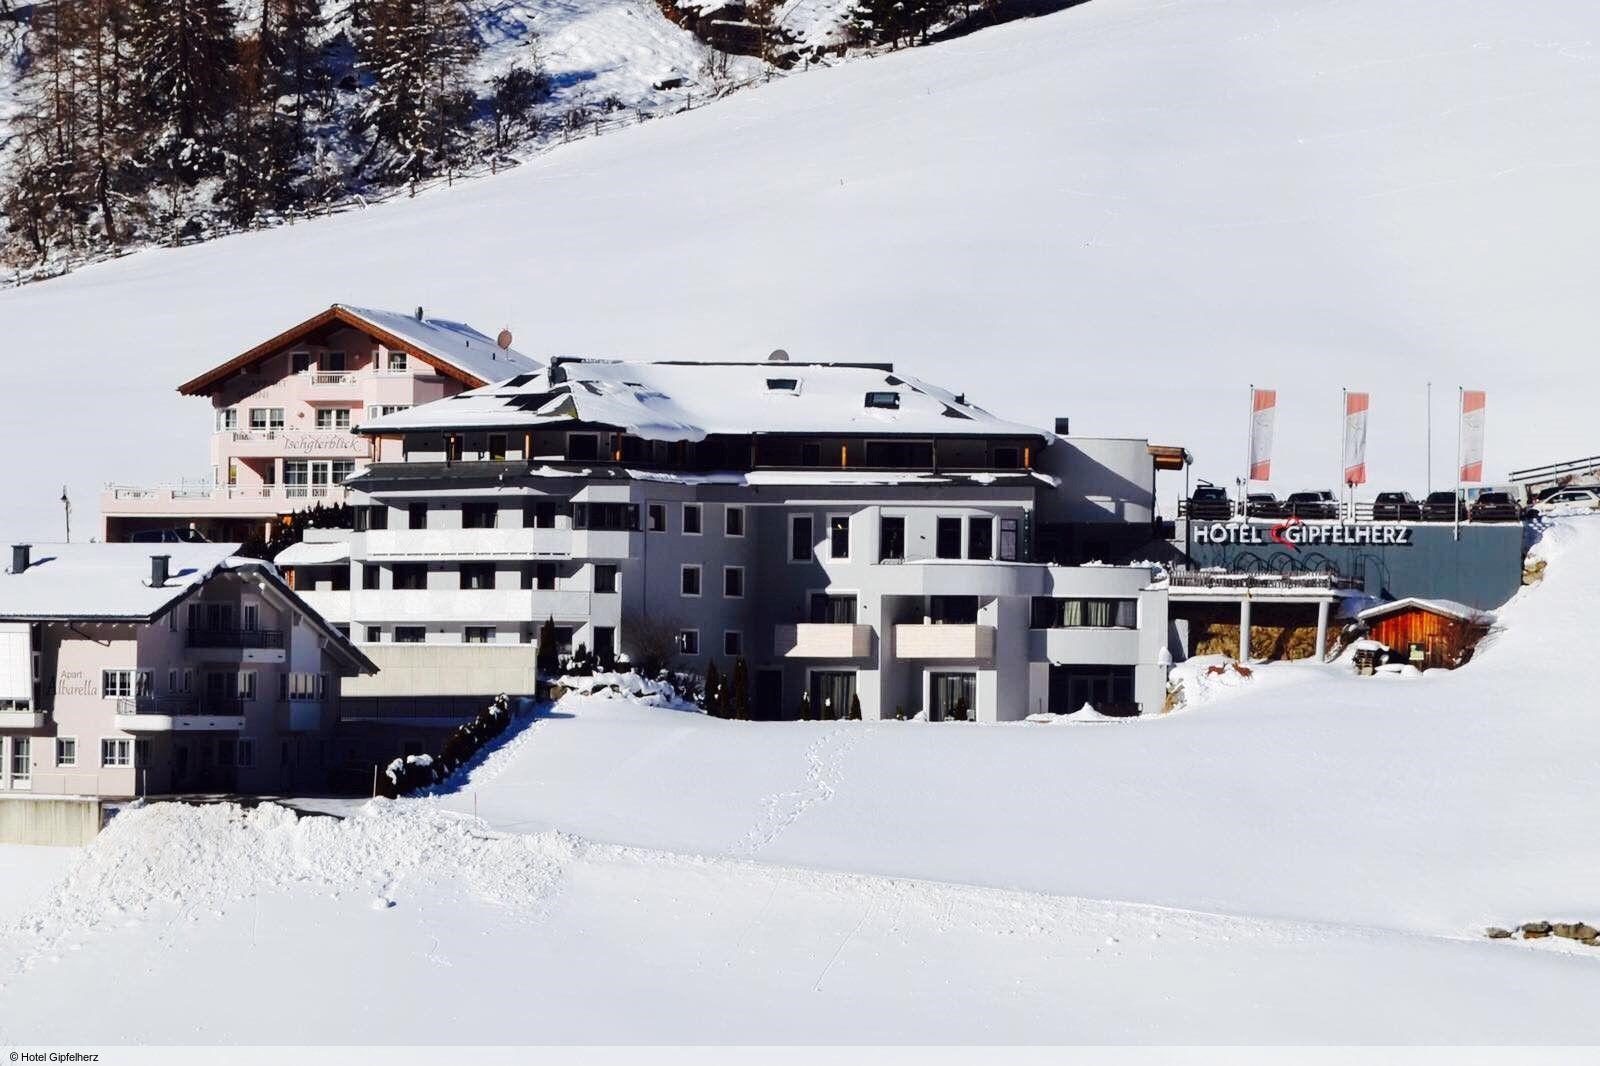 Slide1 - Hotel Gipfelherz